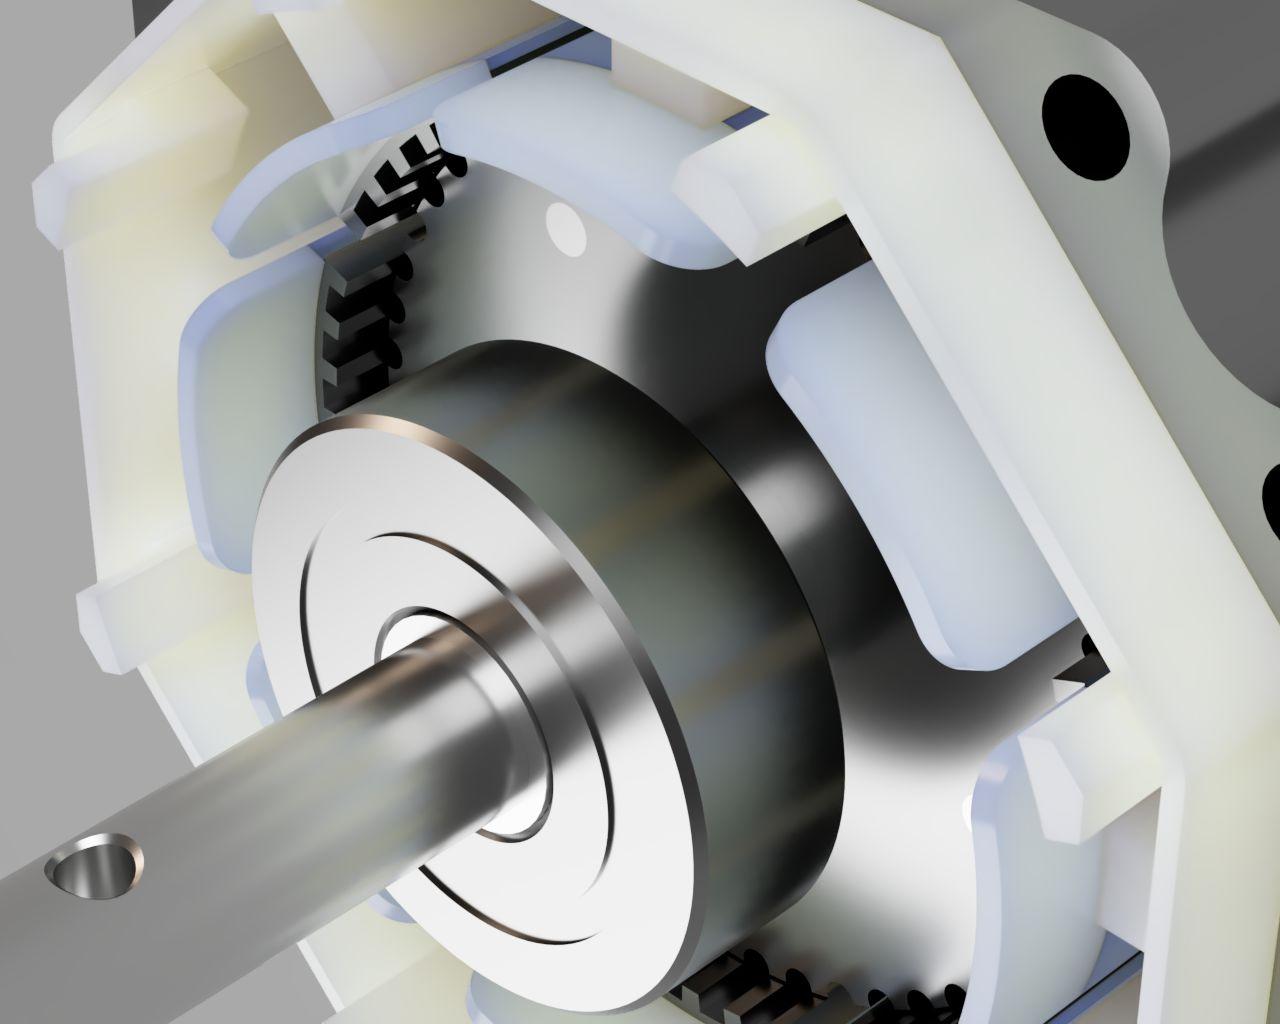 Stepper-motor-nema-23-2019-sep-04-09-06-10am-000-customizedview37794468842-3500-3500